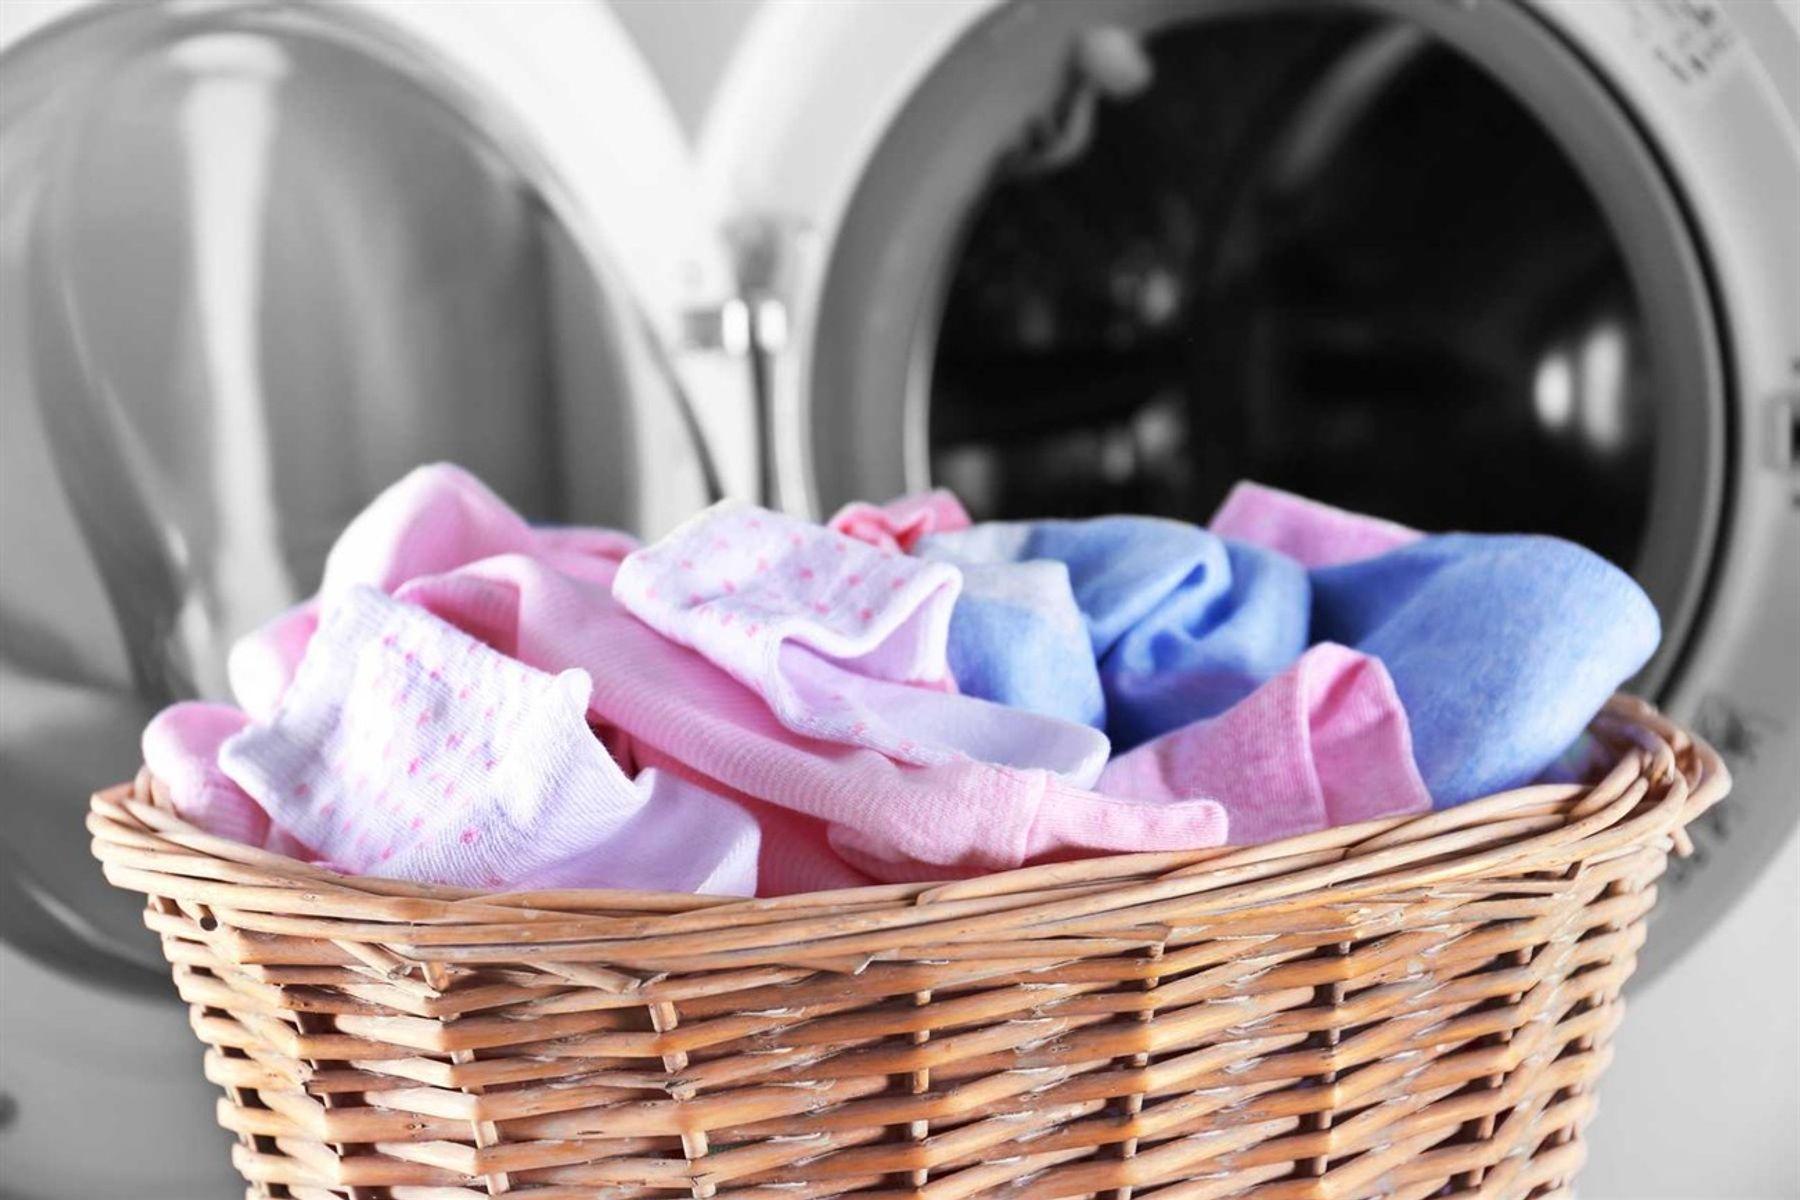 Cách Giặt Đồ Bằng Máy Giặt Sạch Thơm, Bền Màu | Bạn Nên Biết